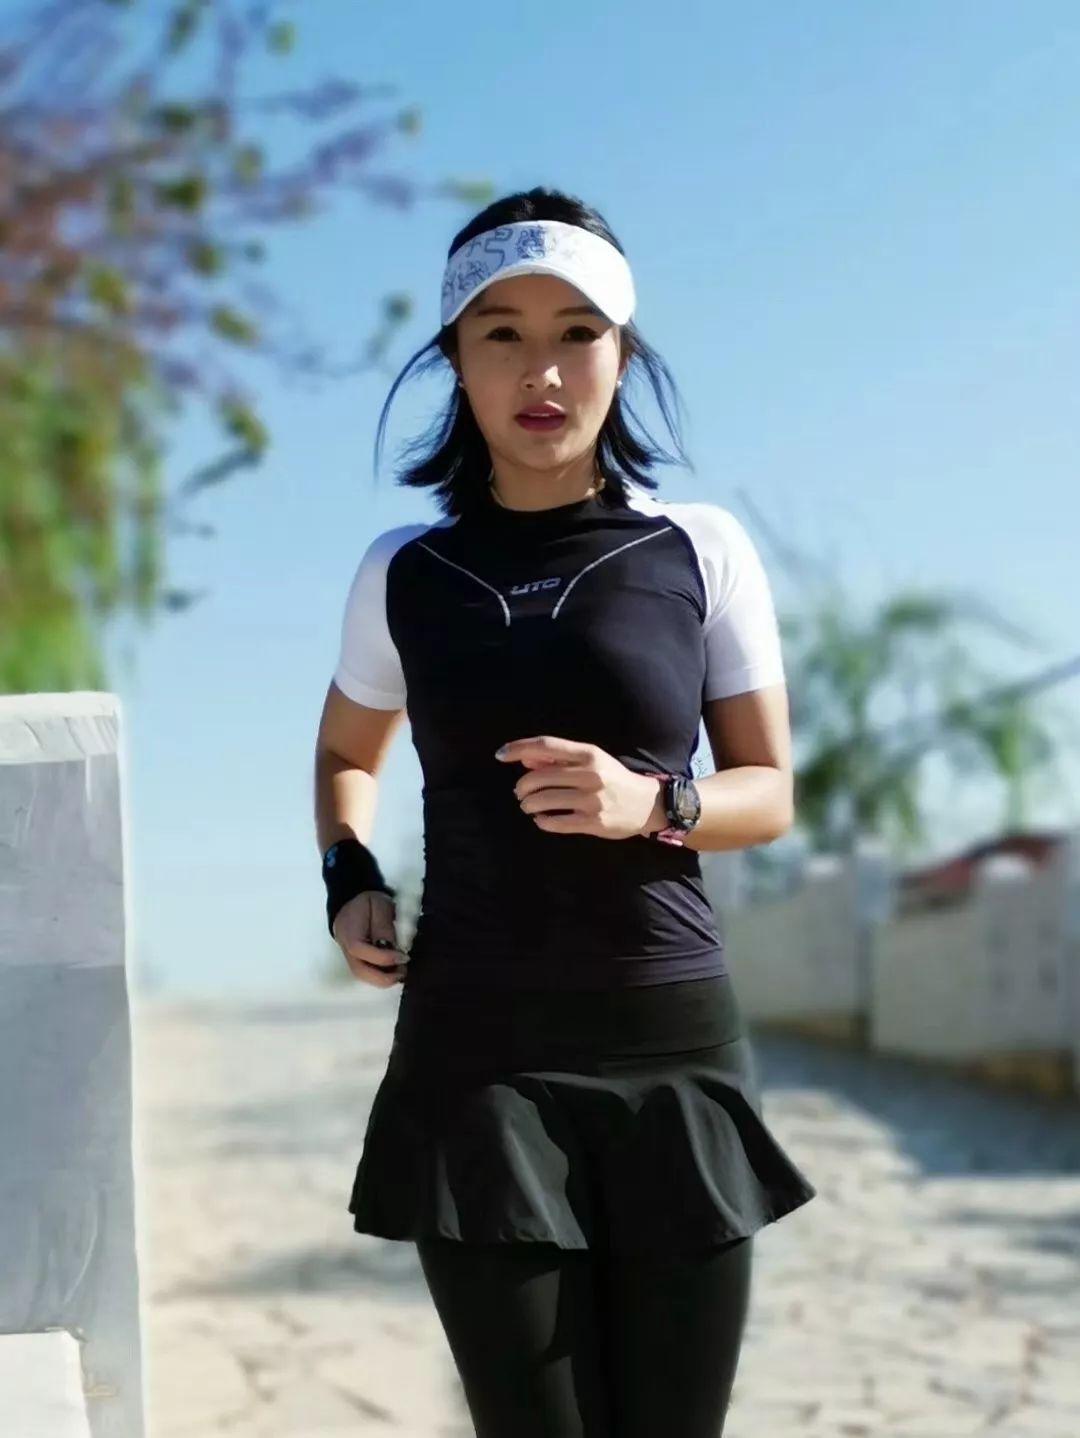 【UTO新品】一件可以提高成绩、让运动更持久的压缩衣-640-10